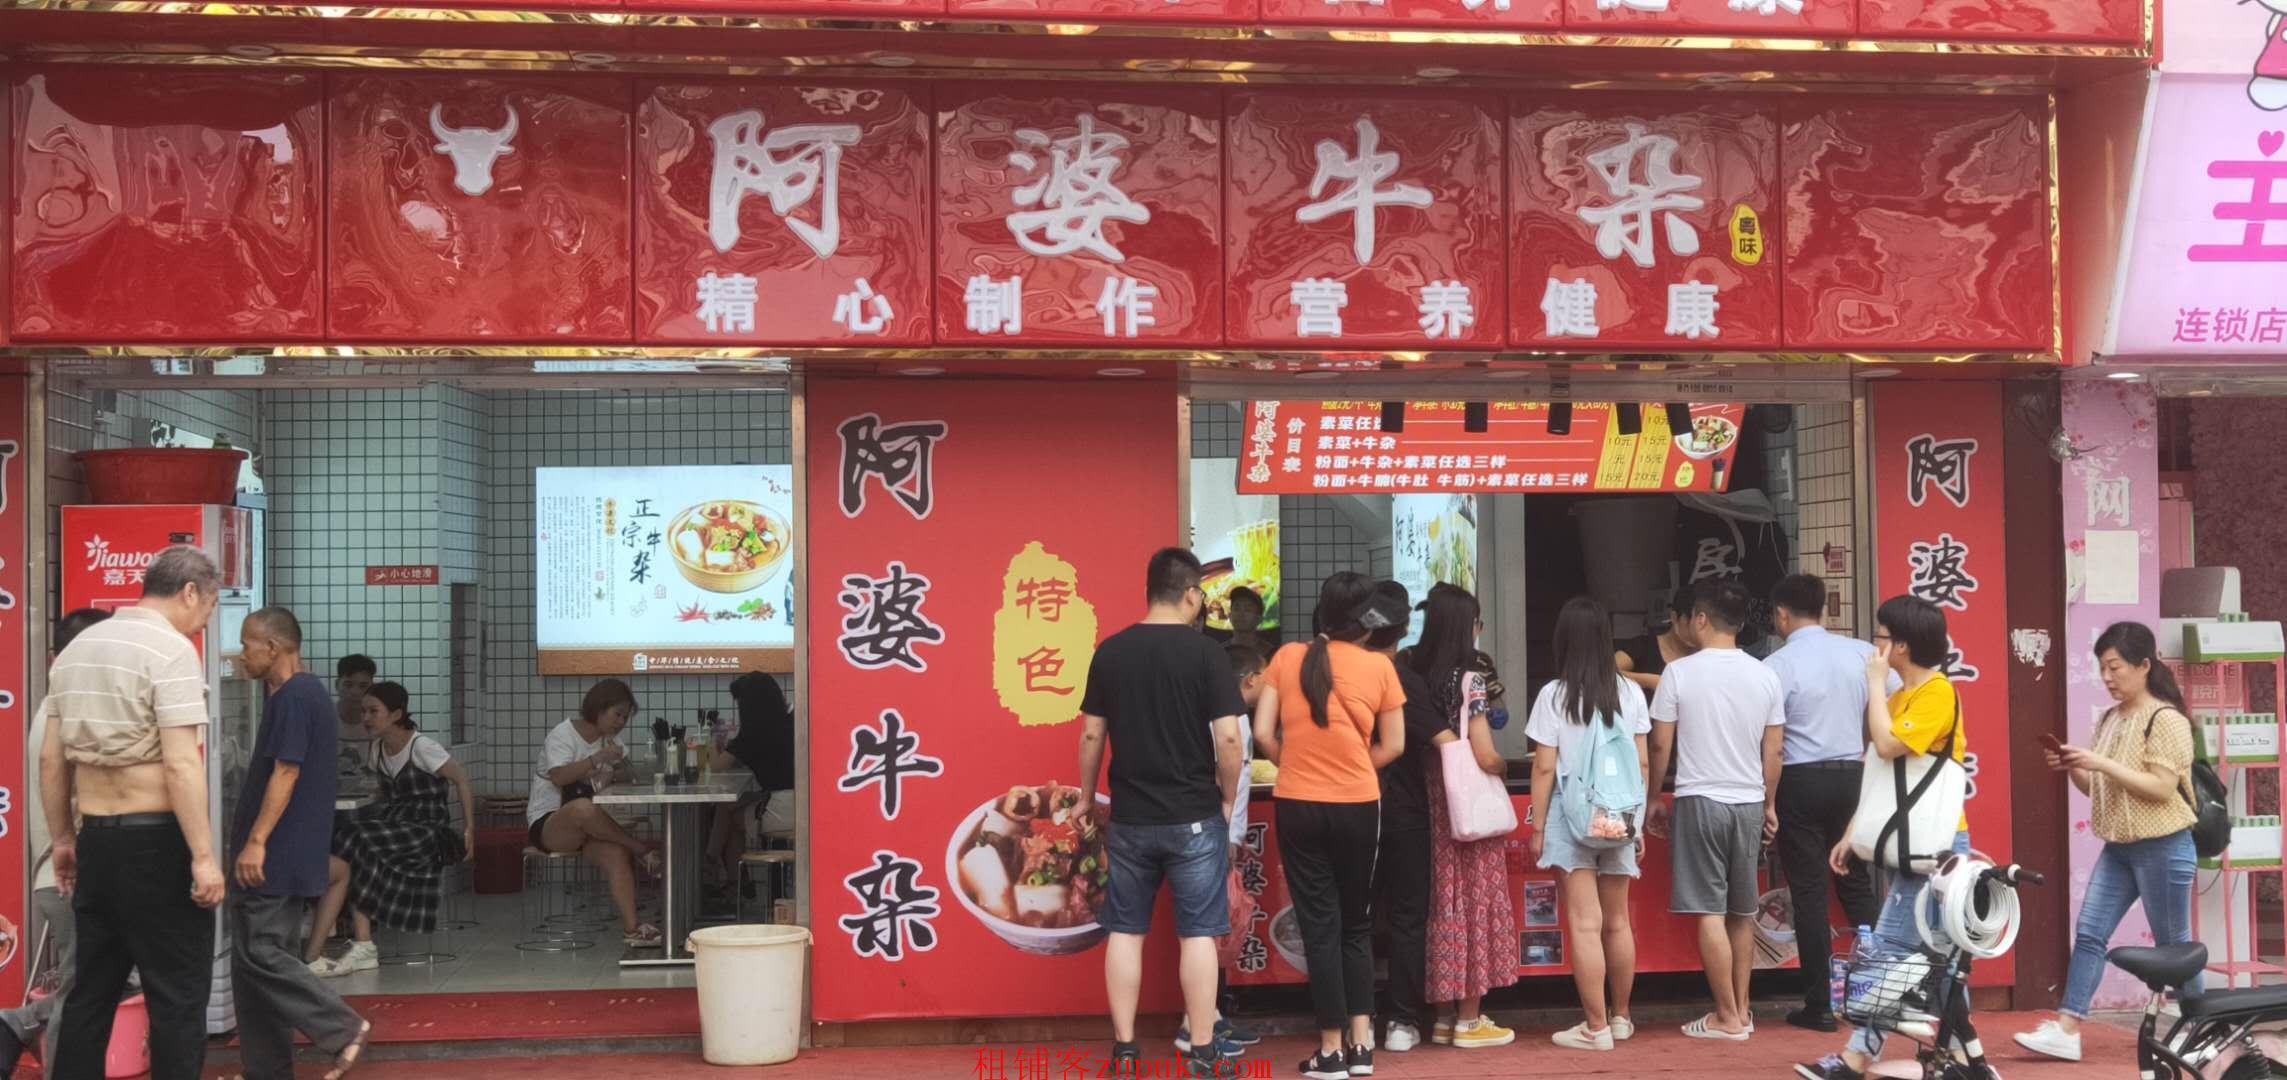 芳村-地铁站,小吃店证照齐全,人超多,可各种餐饮